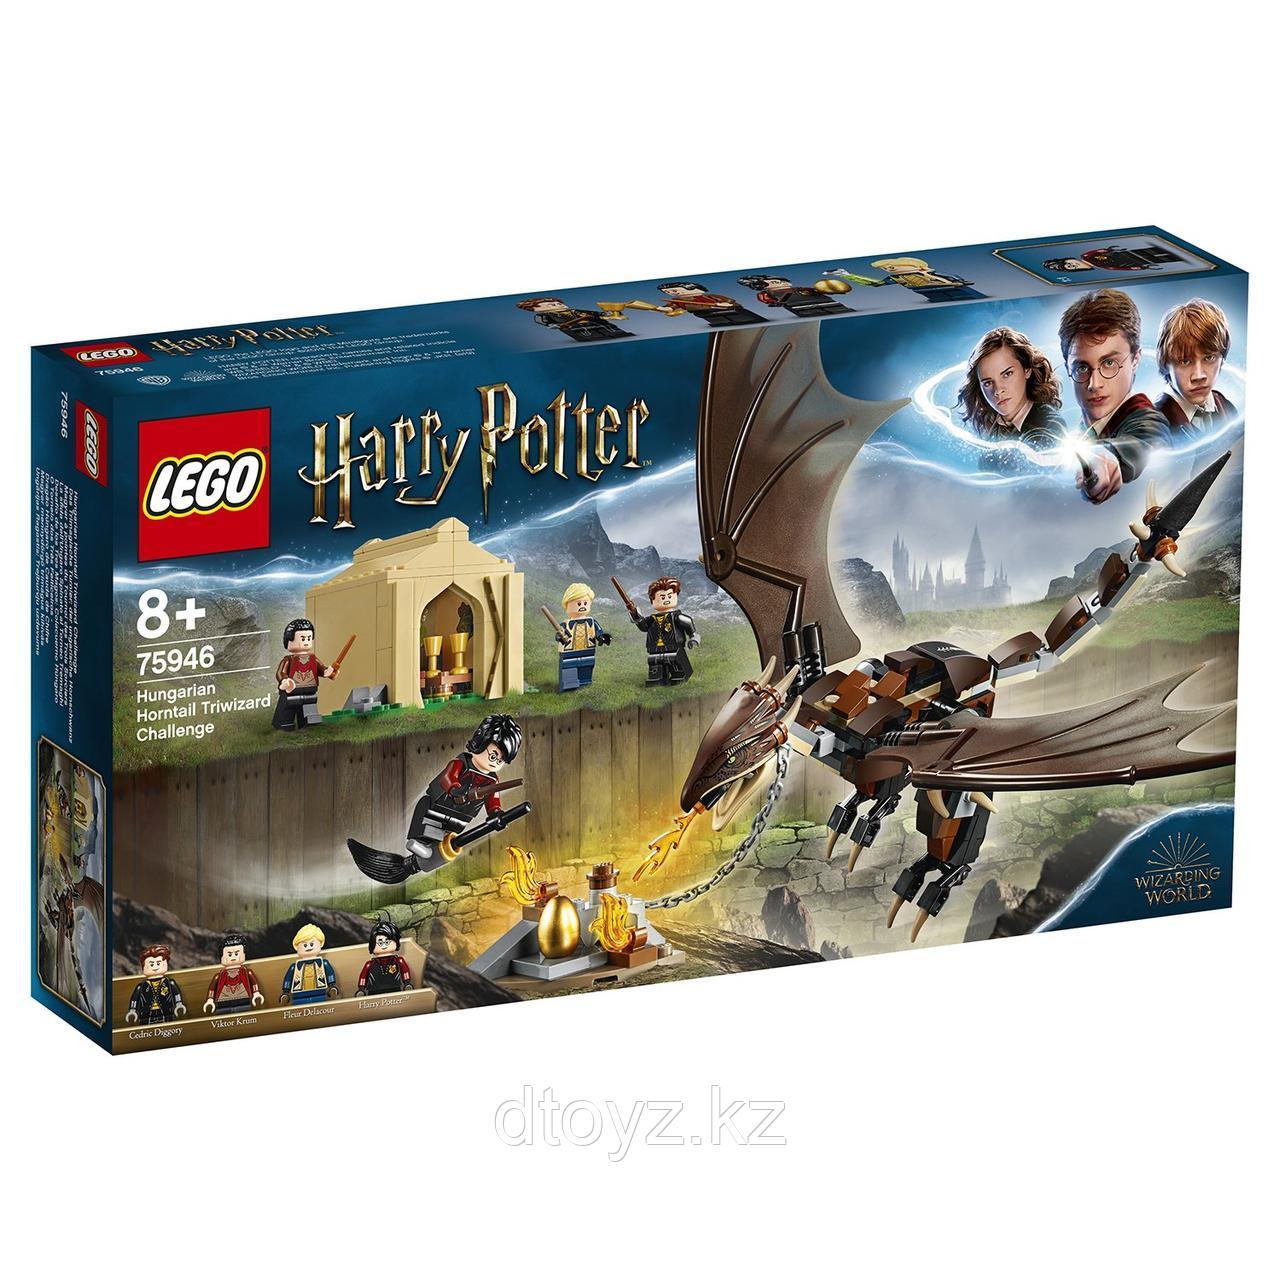 Lego Harry Potter 75946 Турнир трёх волшебников: Венгерская хвосторога